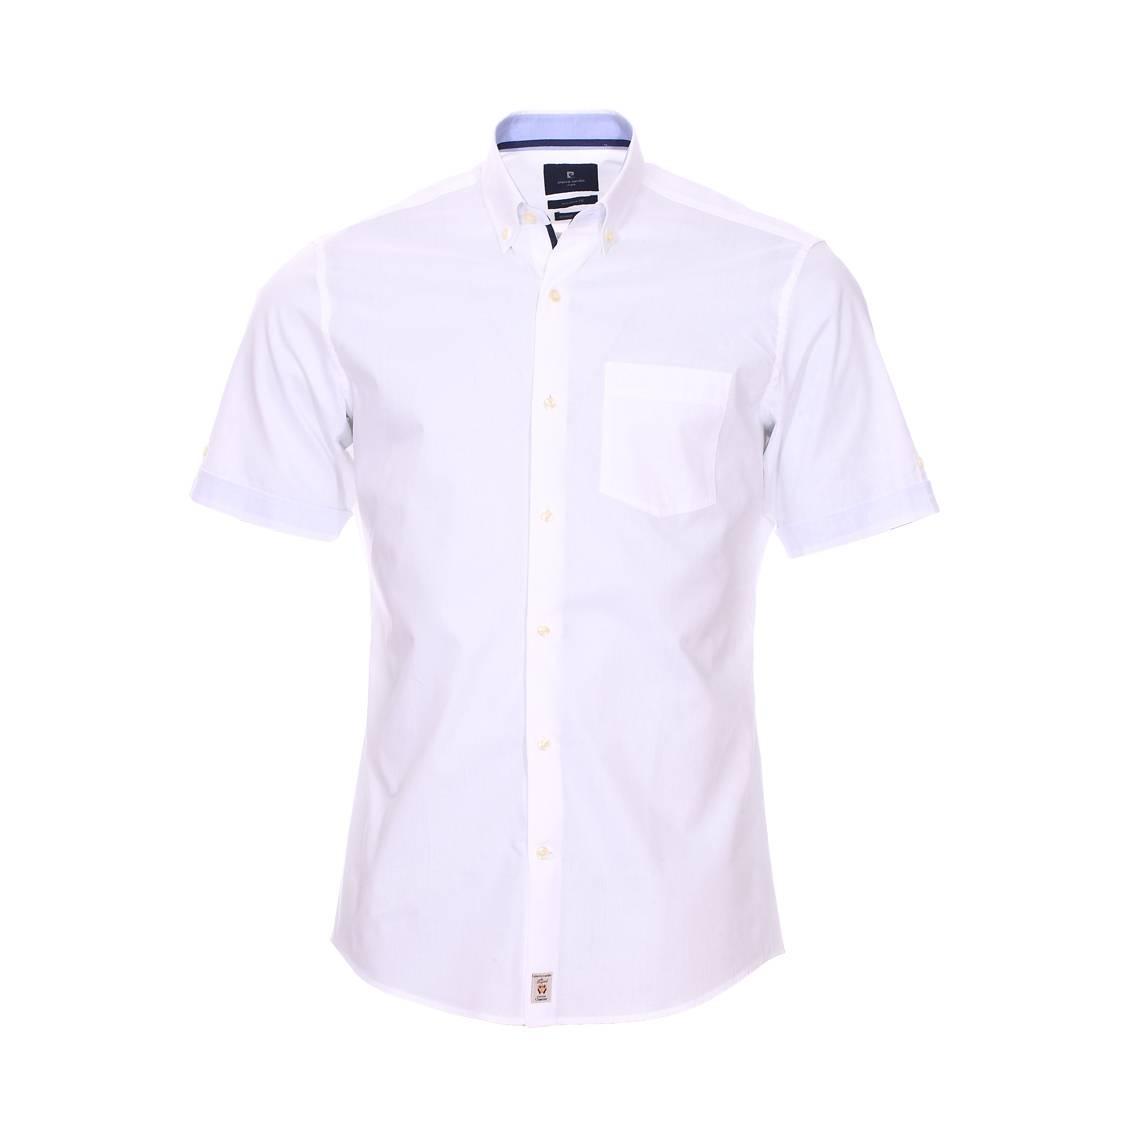 Chemise ajustée  en coton blanc à opposition bleu denim